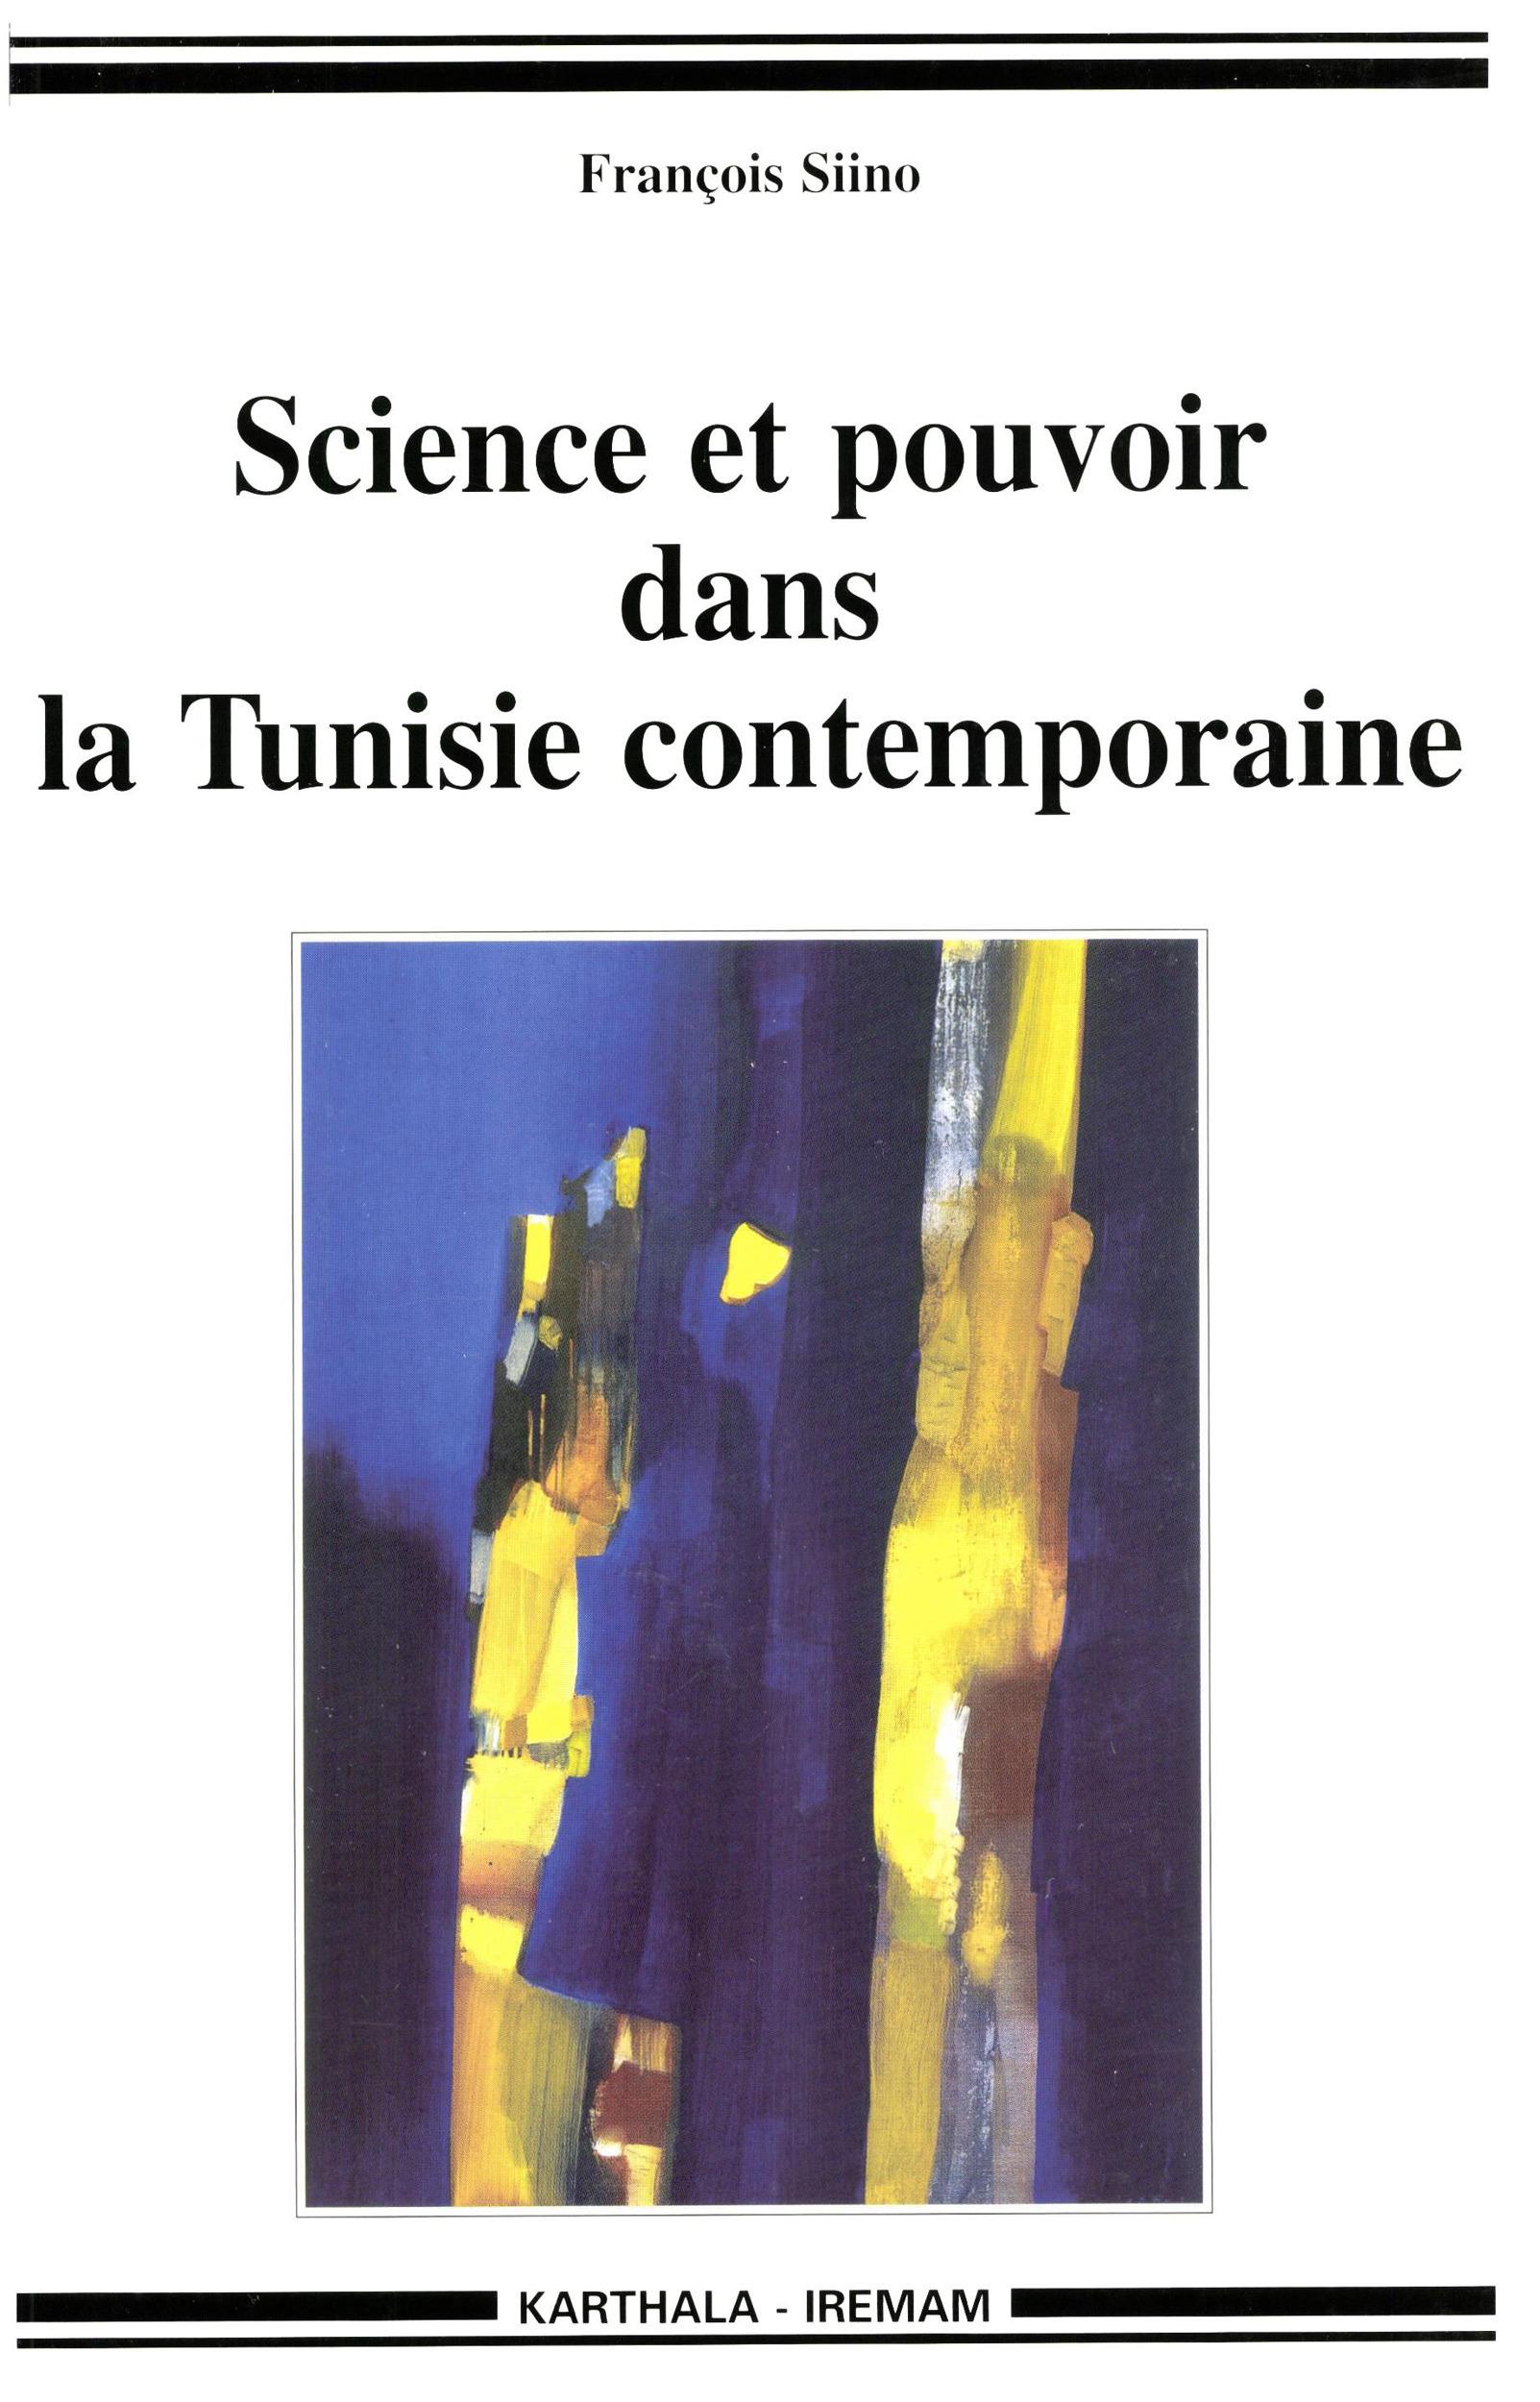 François Siino Science et pouvoir dans la Tunisie contemporaine